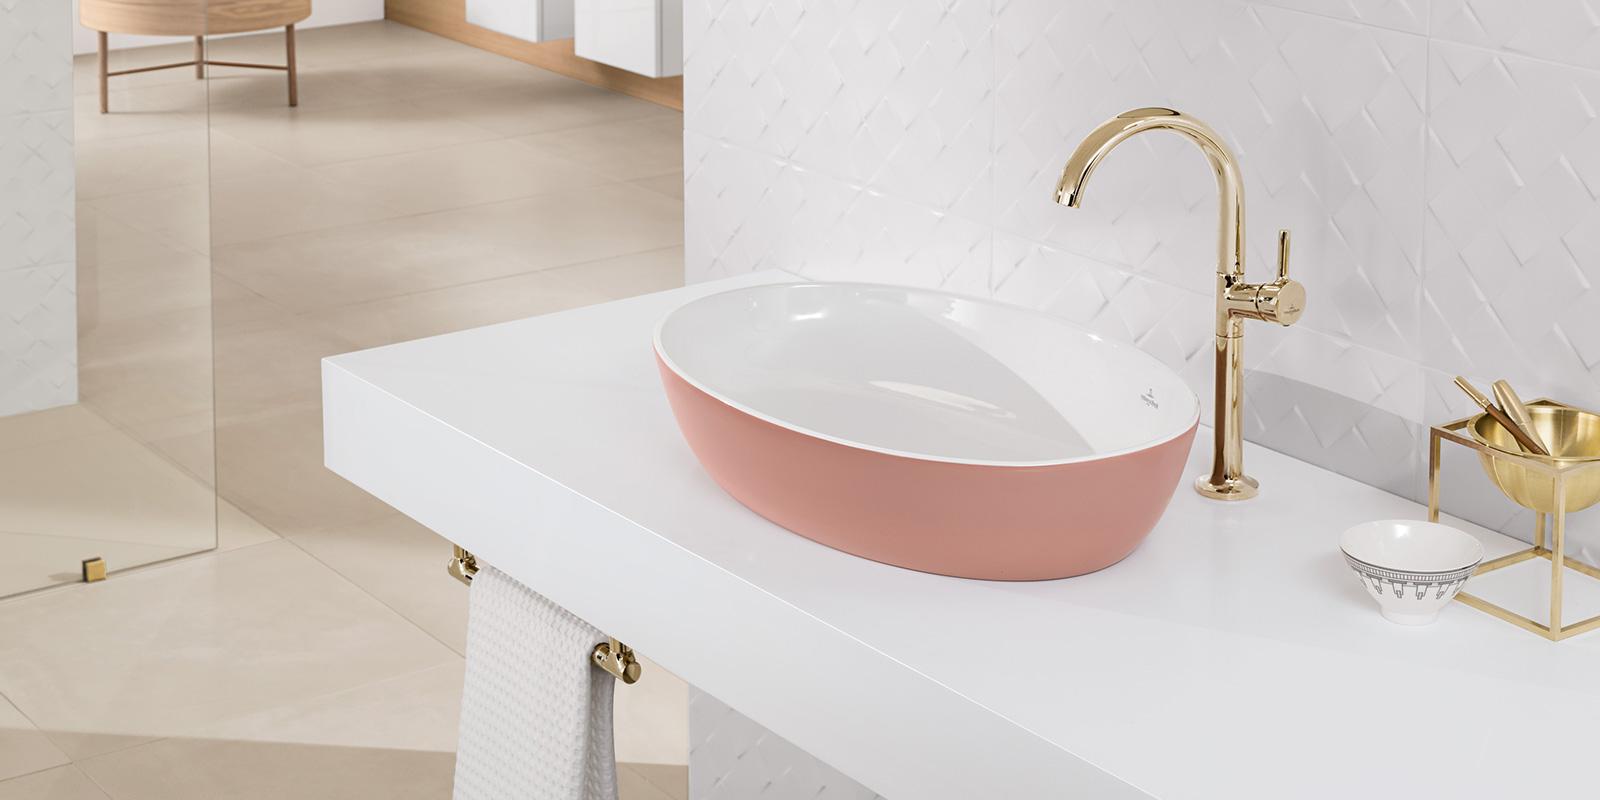 Farbige Waschbecken bringen moderne Farben ins Bad